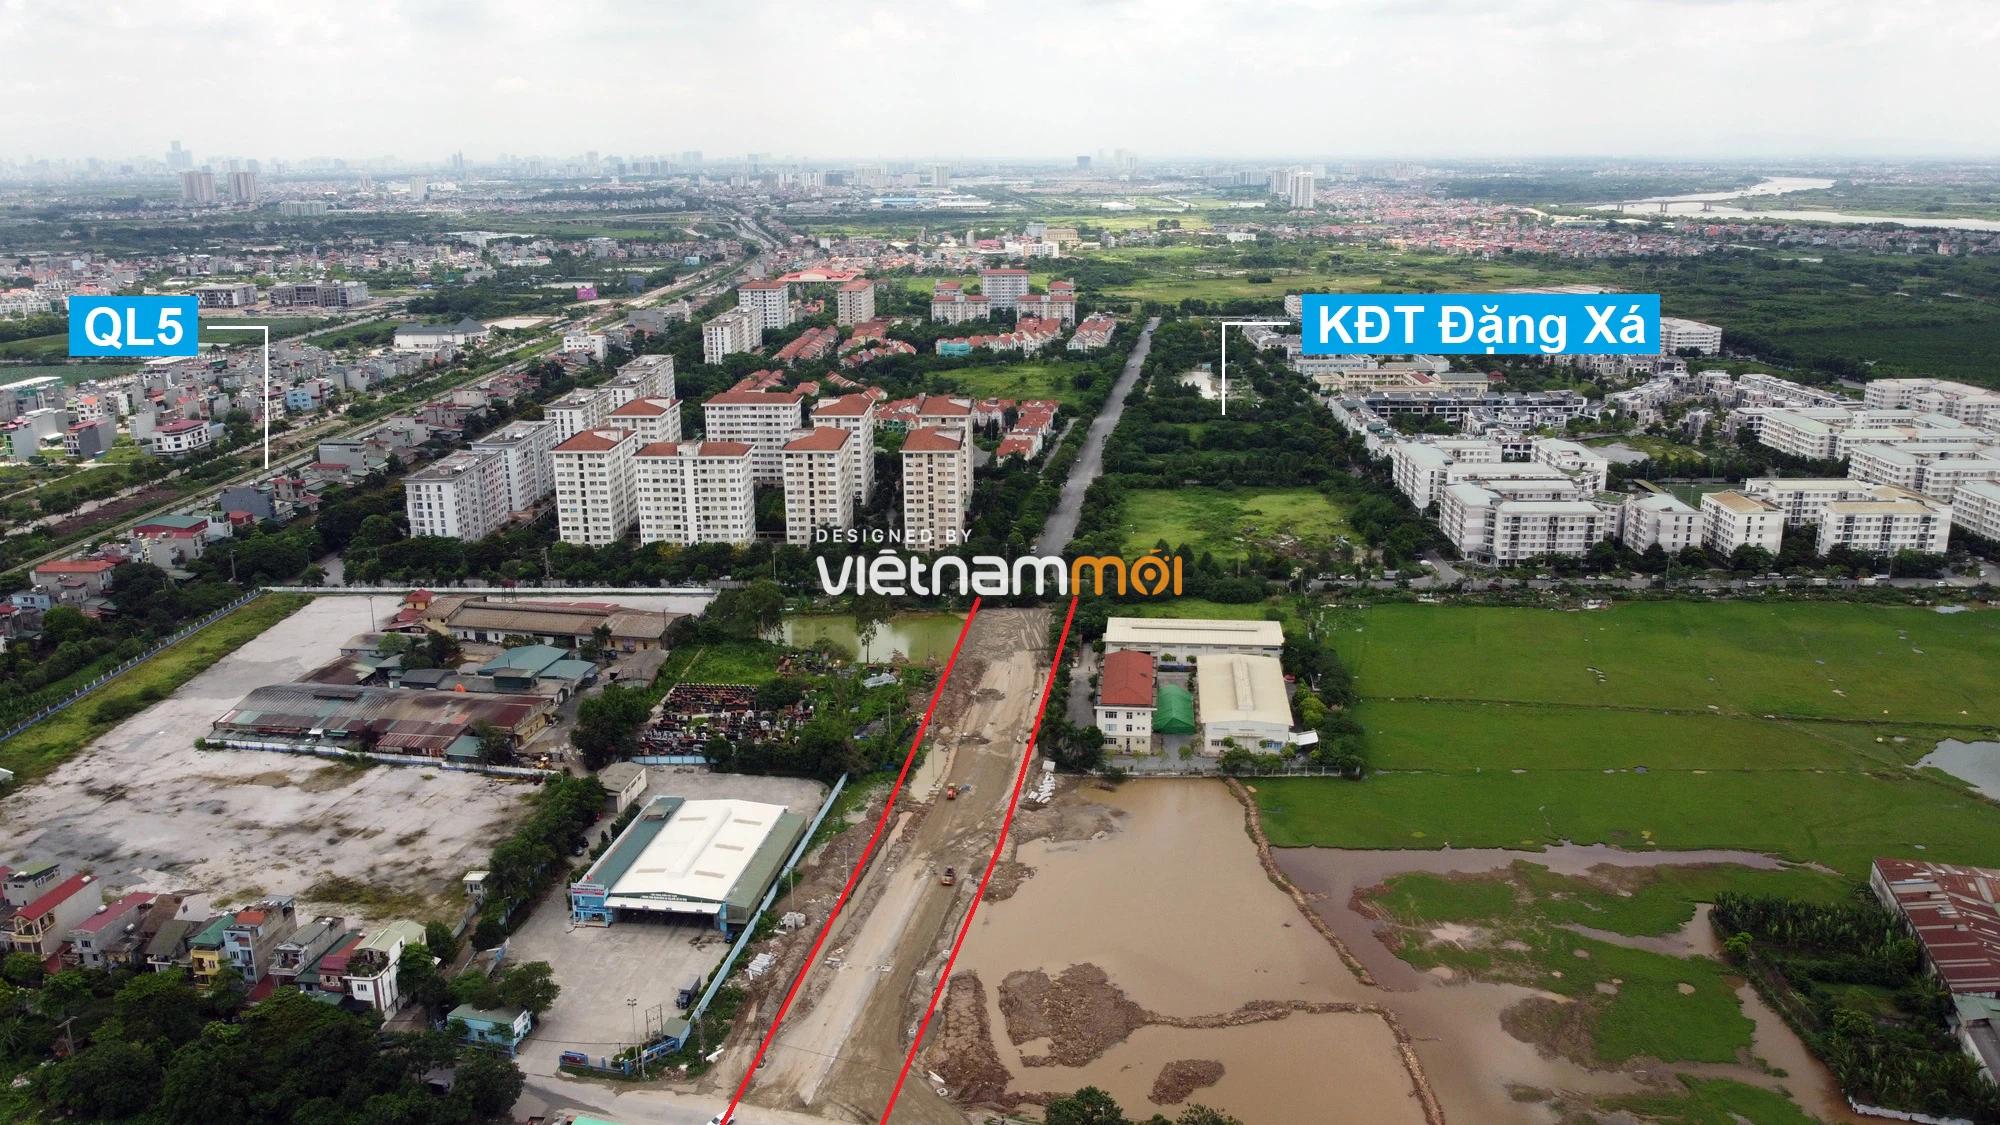 Toàn cảnh tuyến đường từ KĐT Đặng Xá đến chân cầu vượt Phú Thị đang mở theo quy hoạch ở Hà Nội - Ảnh 1.